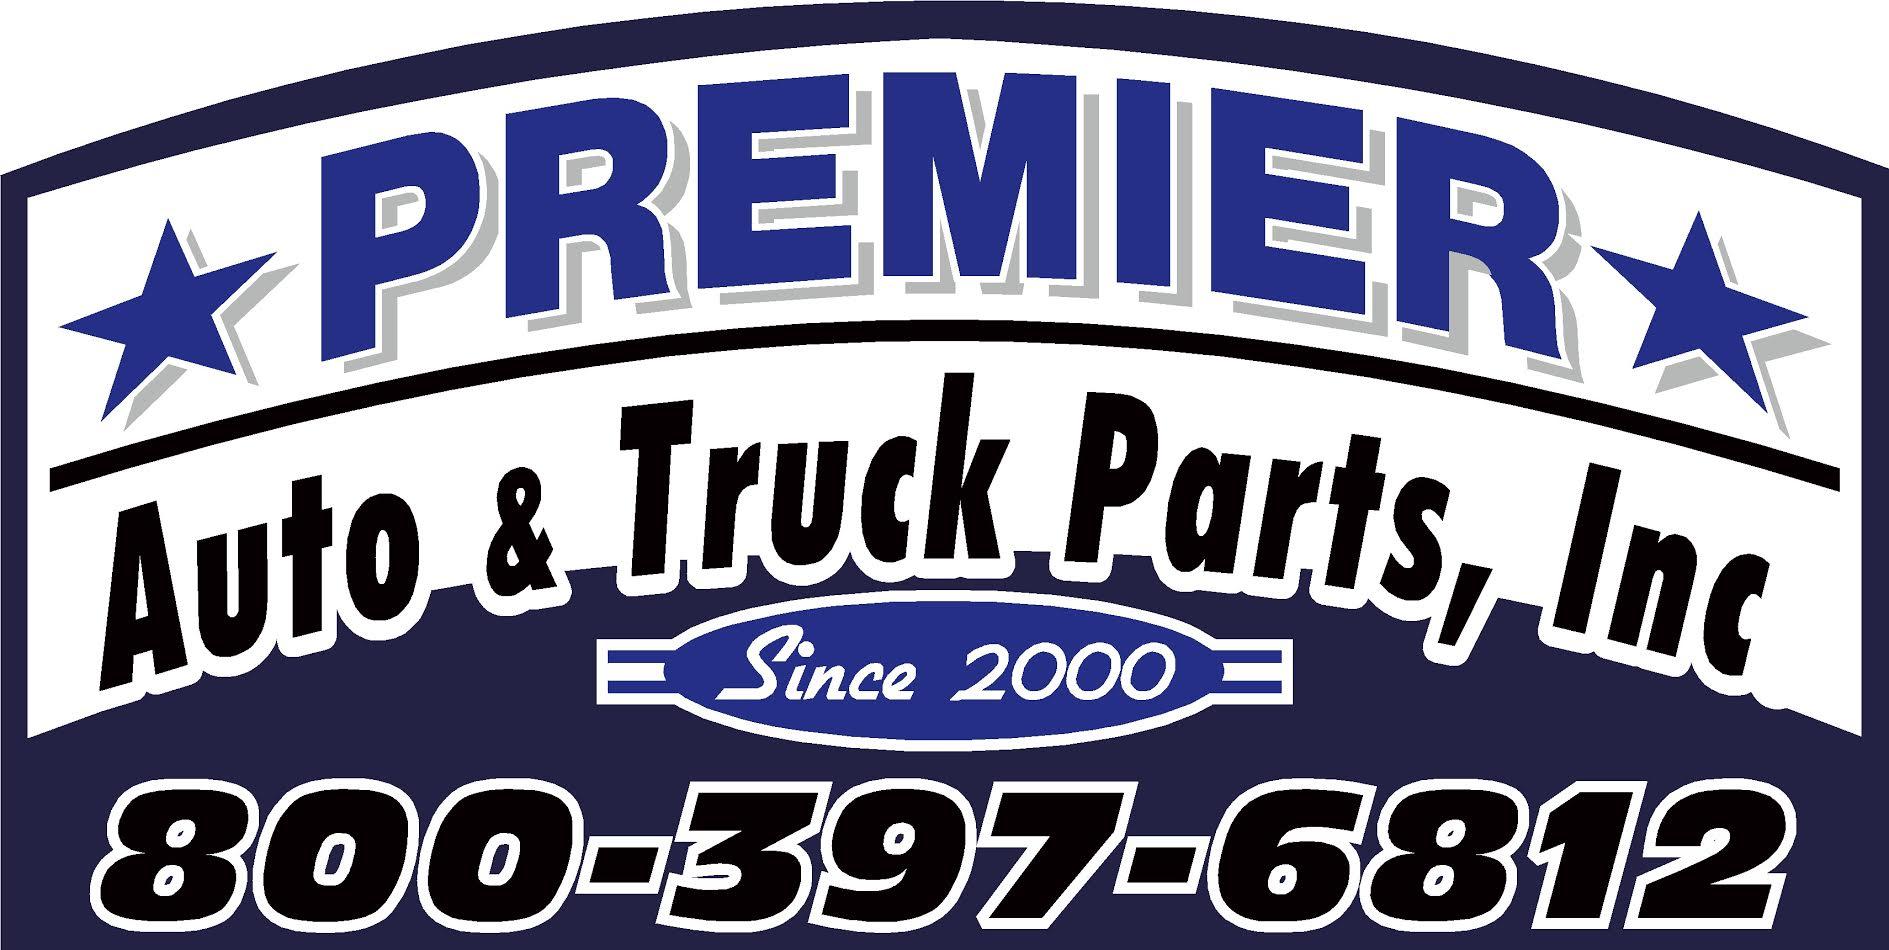 premier auto & truck parts